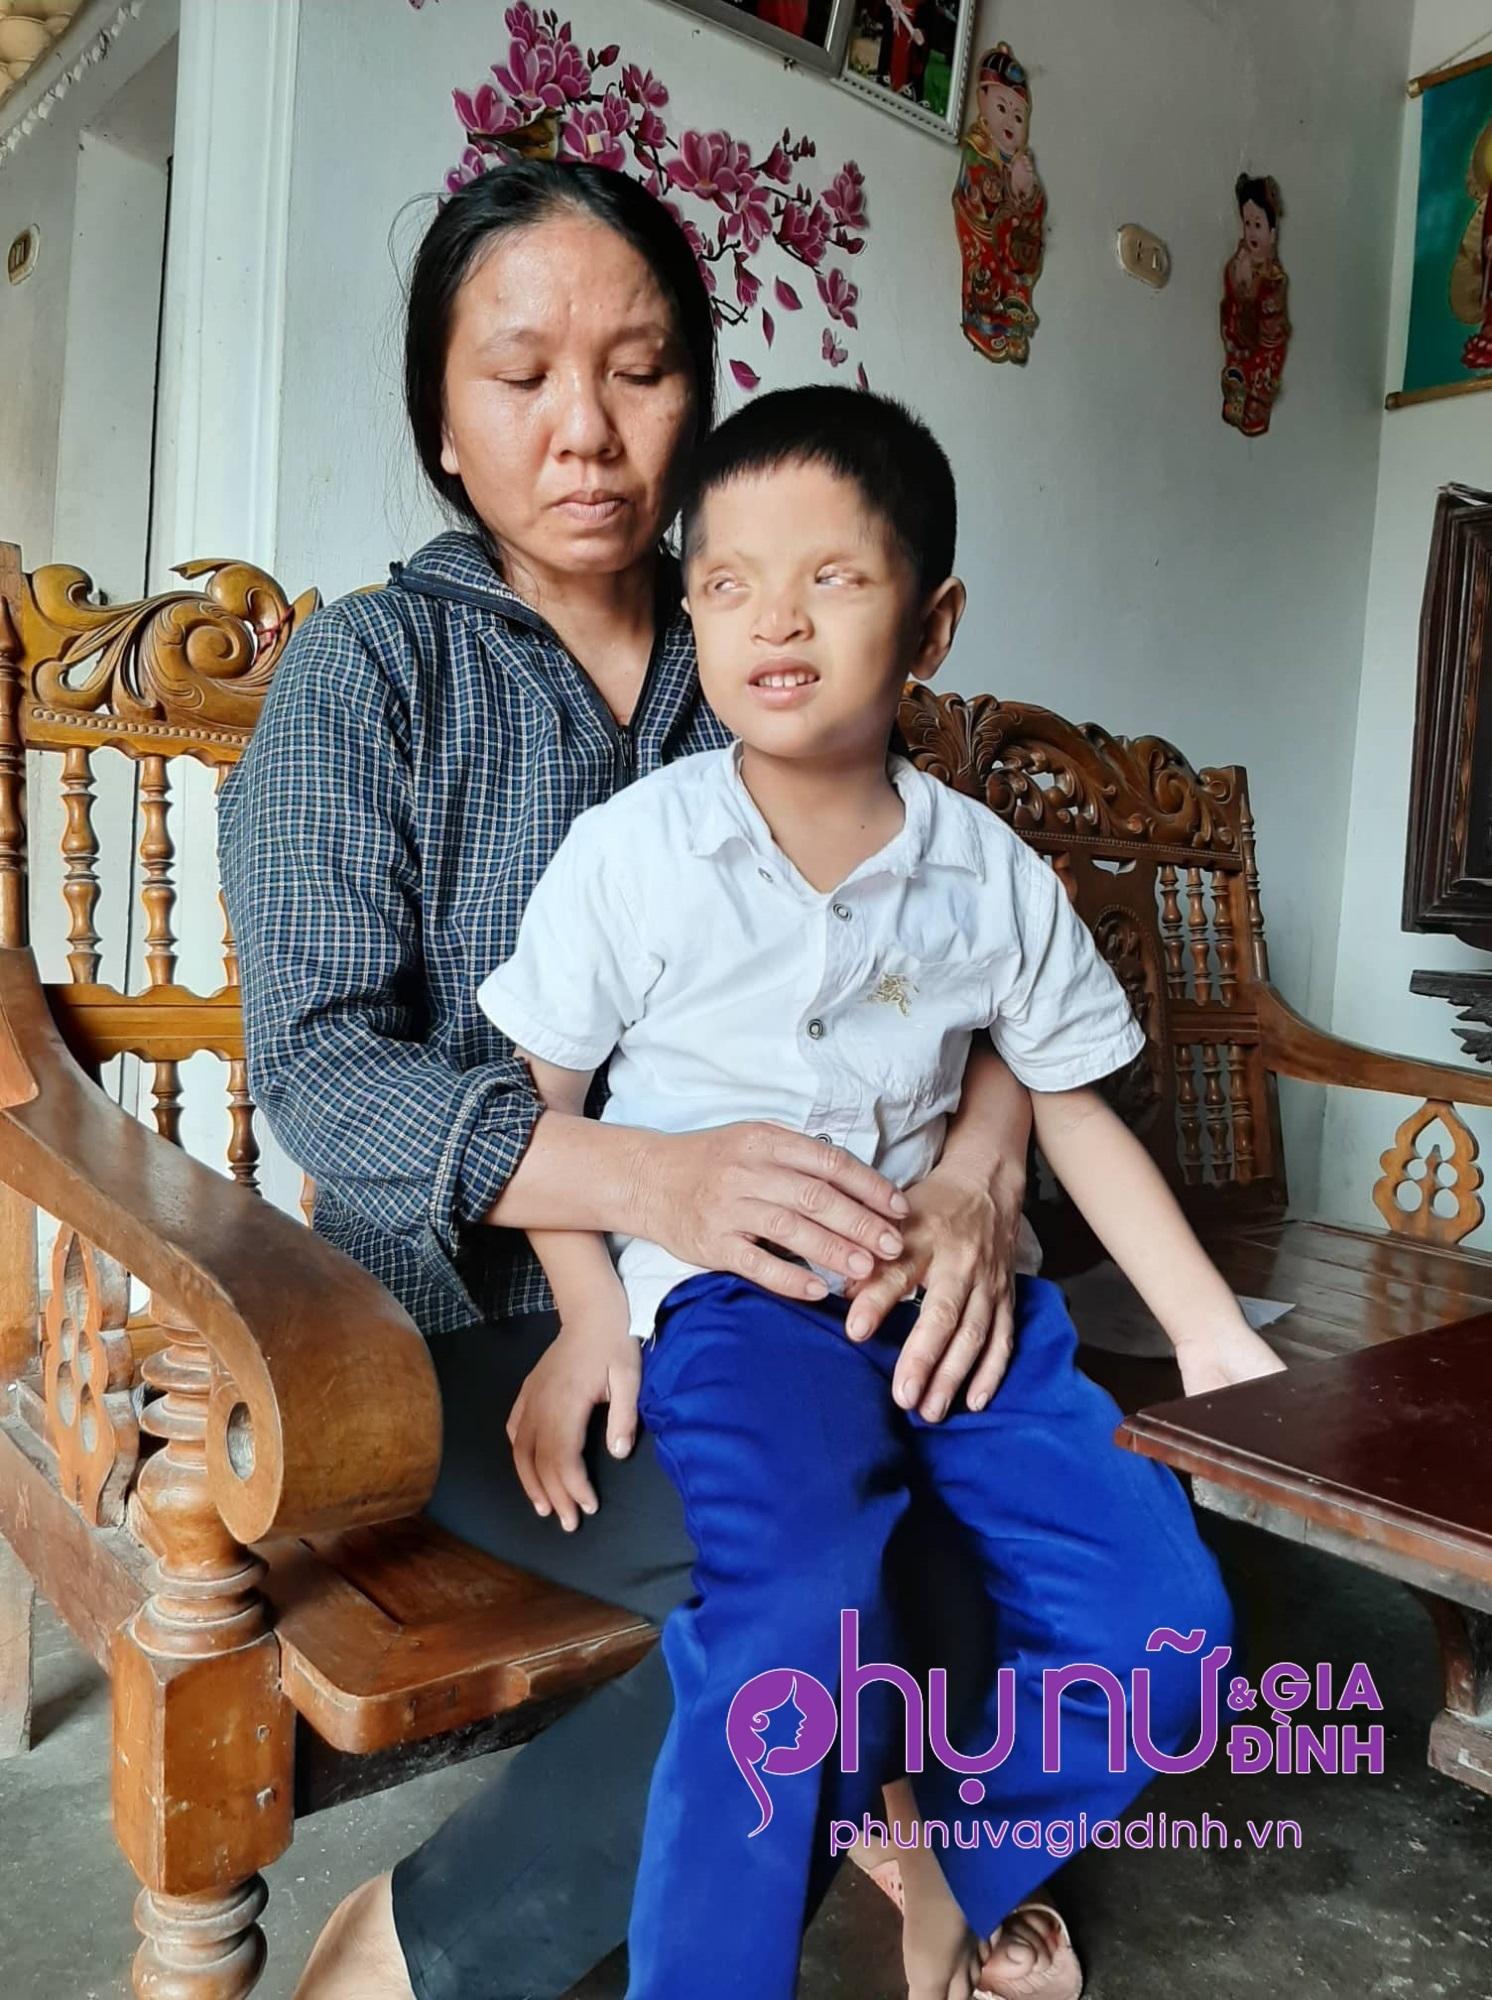 Nghị lực sống phi thường và khát vọng đến trường của cậu bé 6 tuổi có đôi mắt chỉ nhìn thấy 2% ánh sáng - Ảnh 3